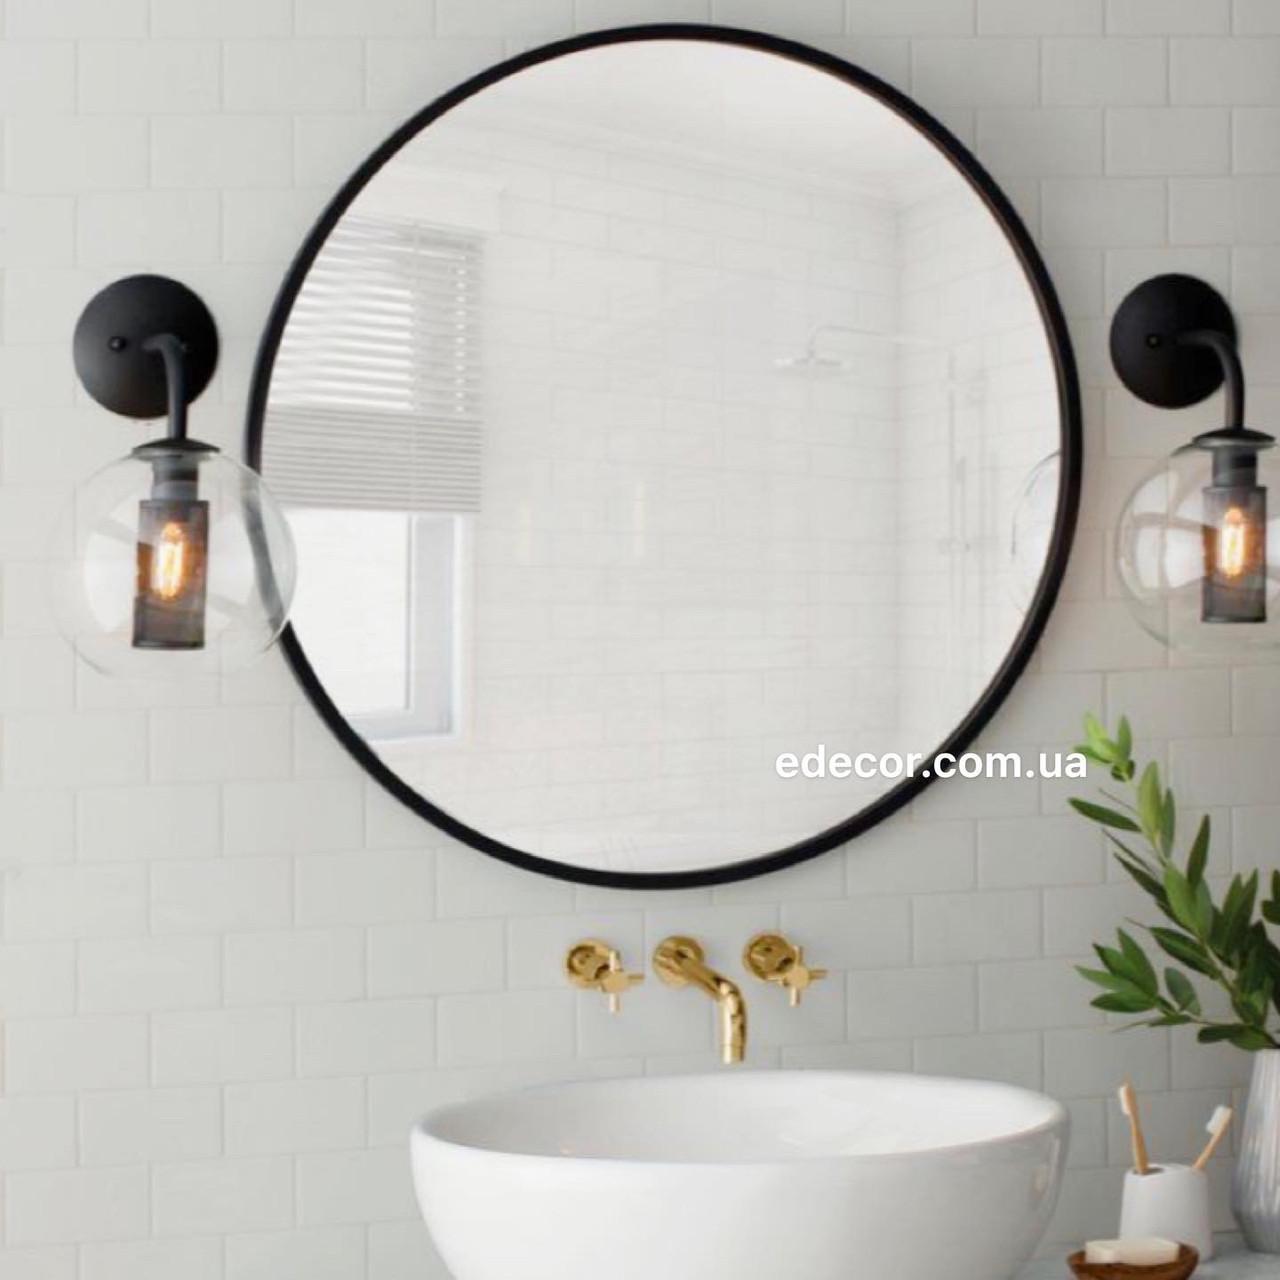 Зеркало в ванную Round